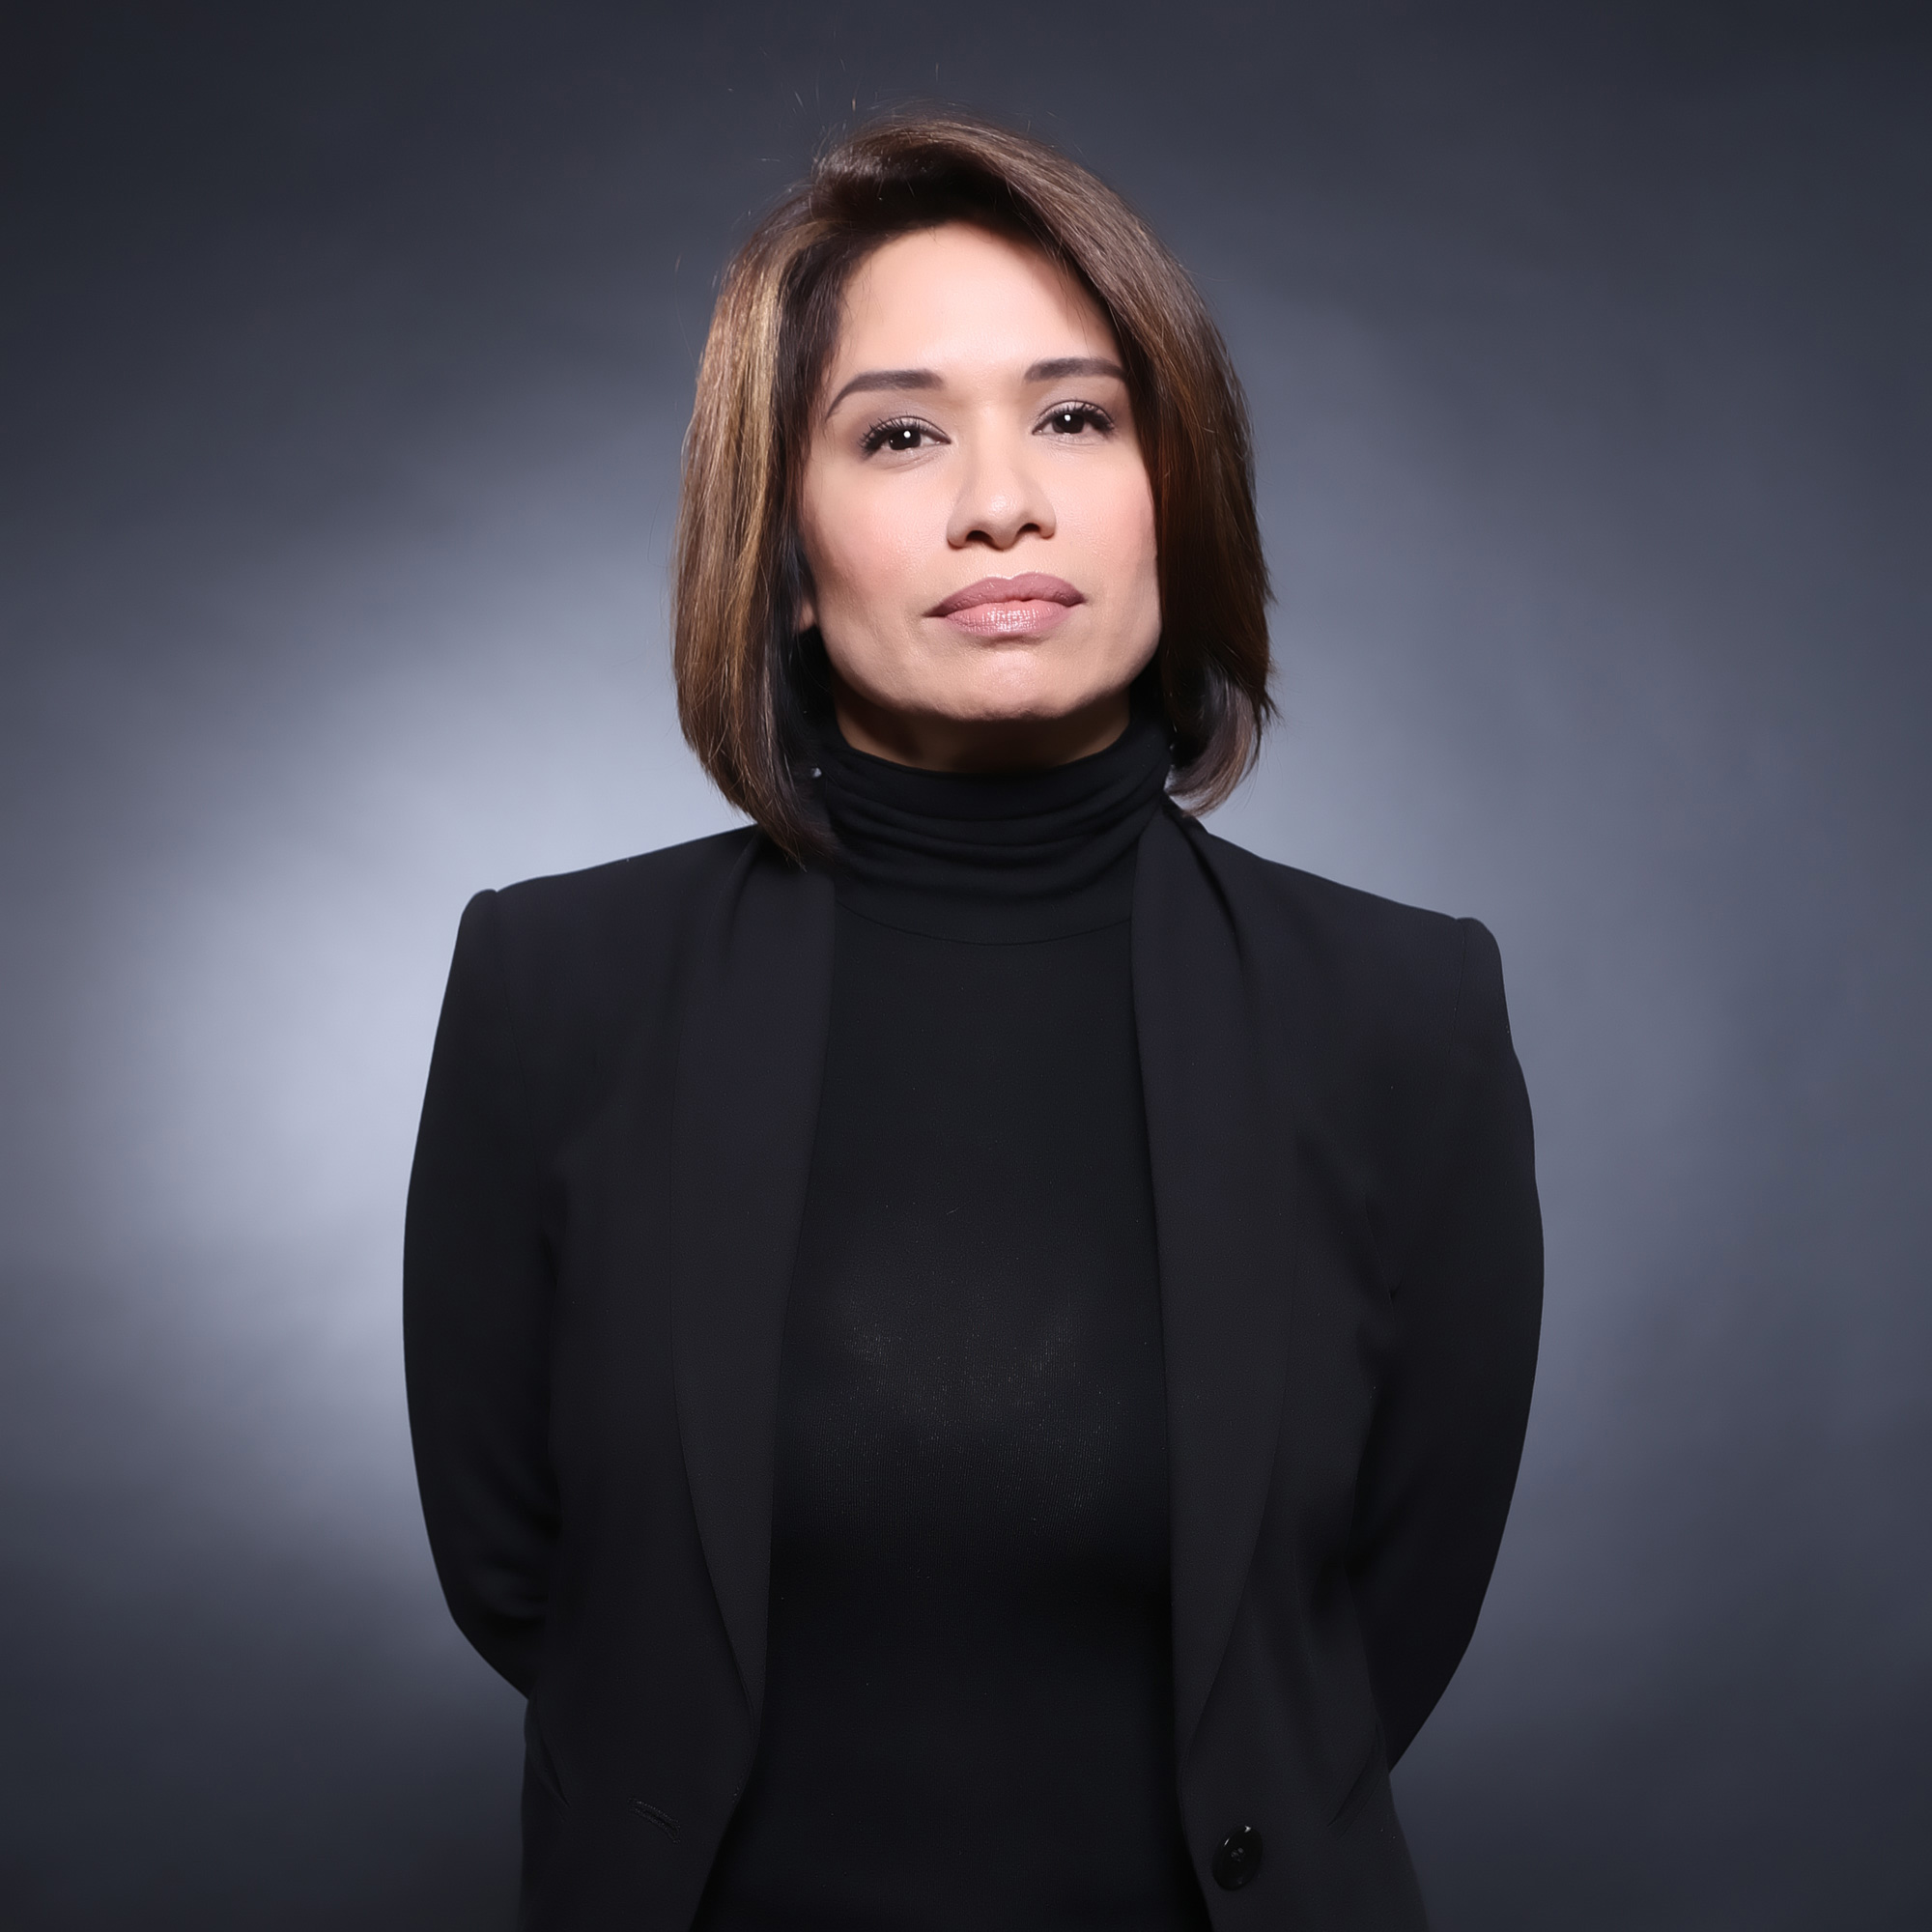 Leticia Đelić